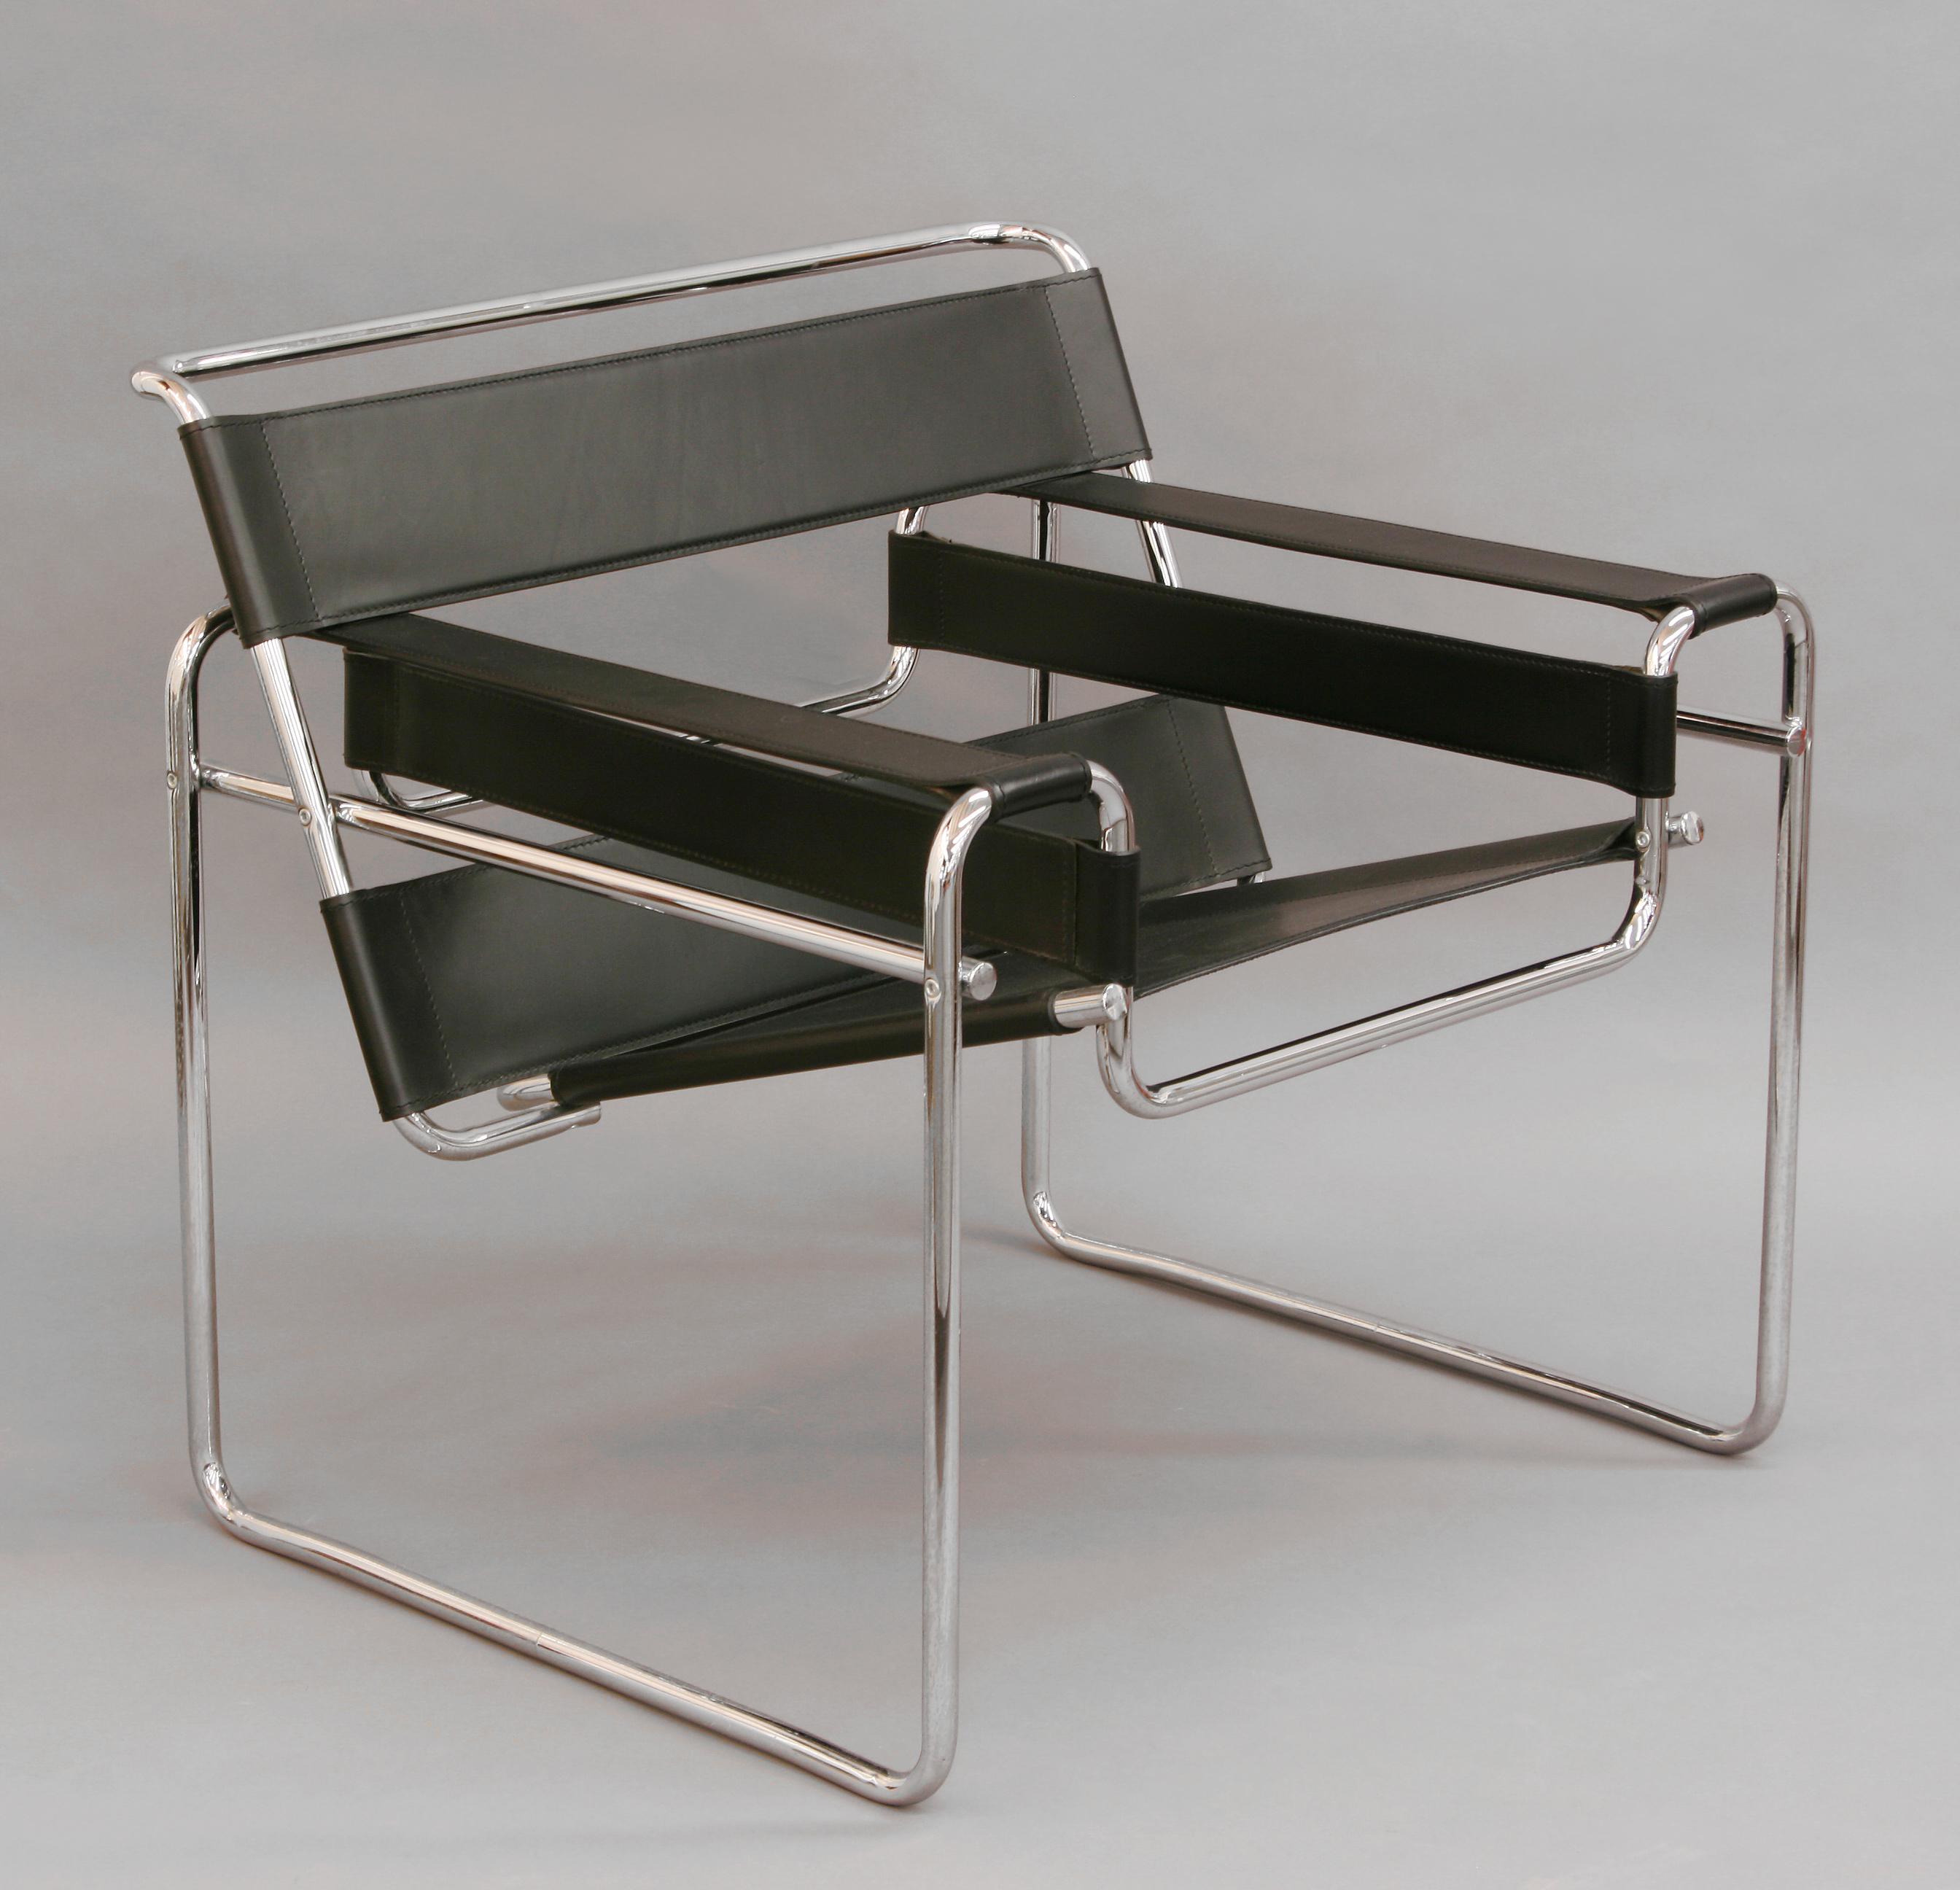 eppli ergebnisse der kunst und antiquit tenauktion alte und moderne kunst. Black Bedroom Furniture Sets. Home Design Ideas